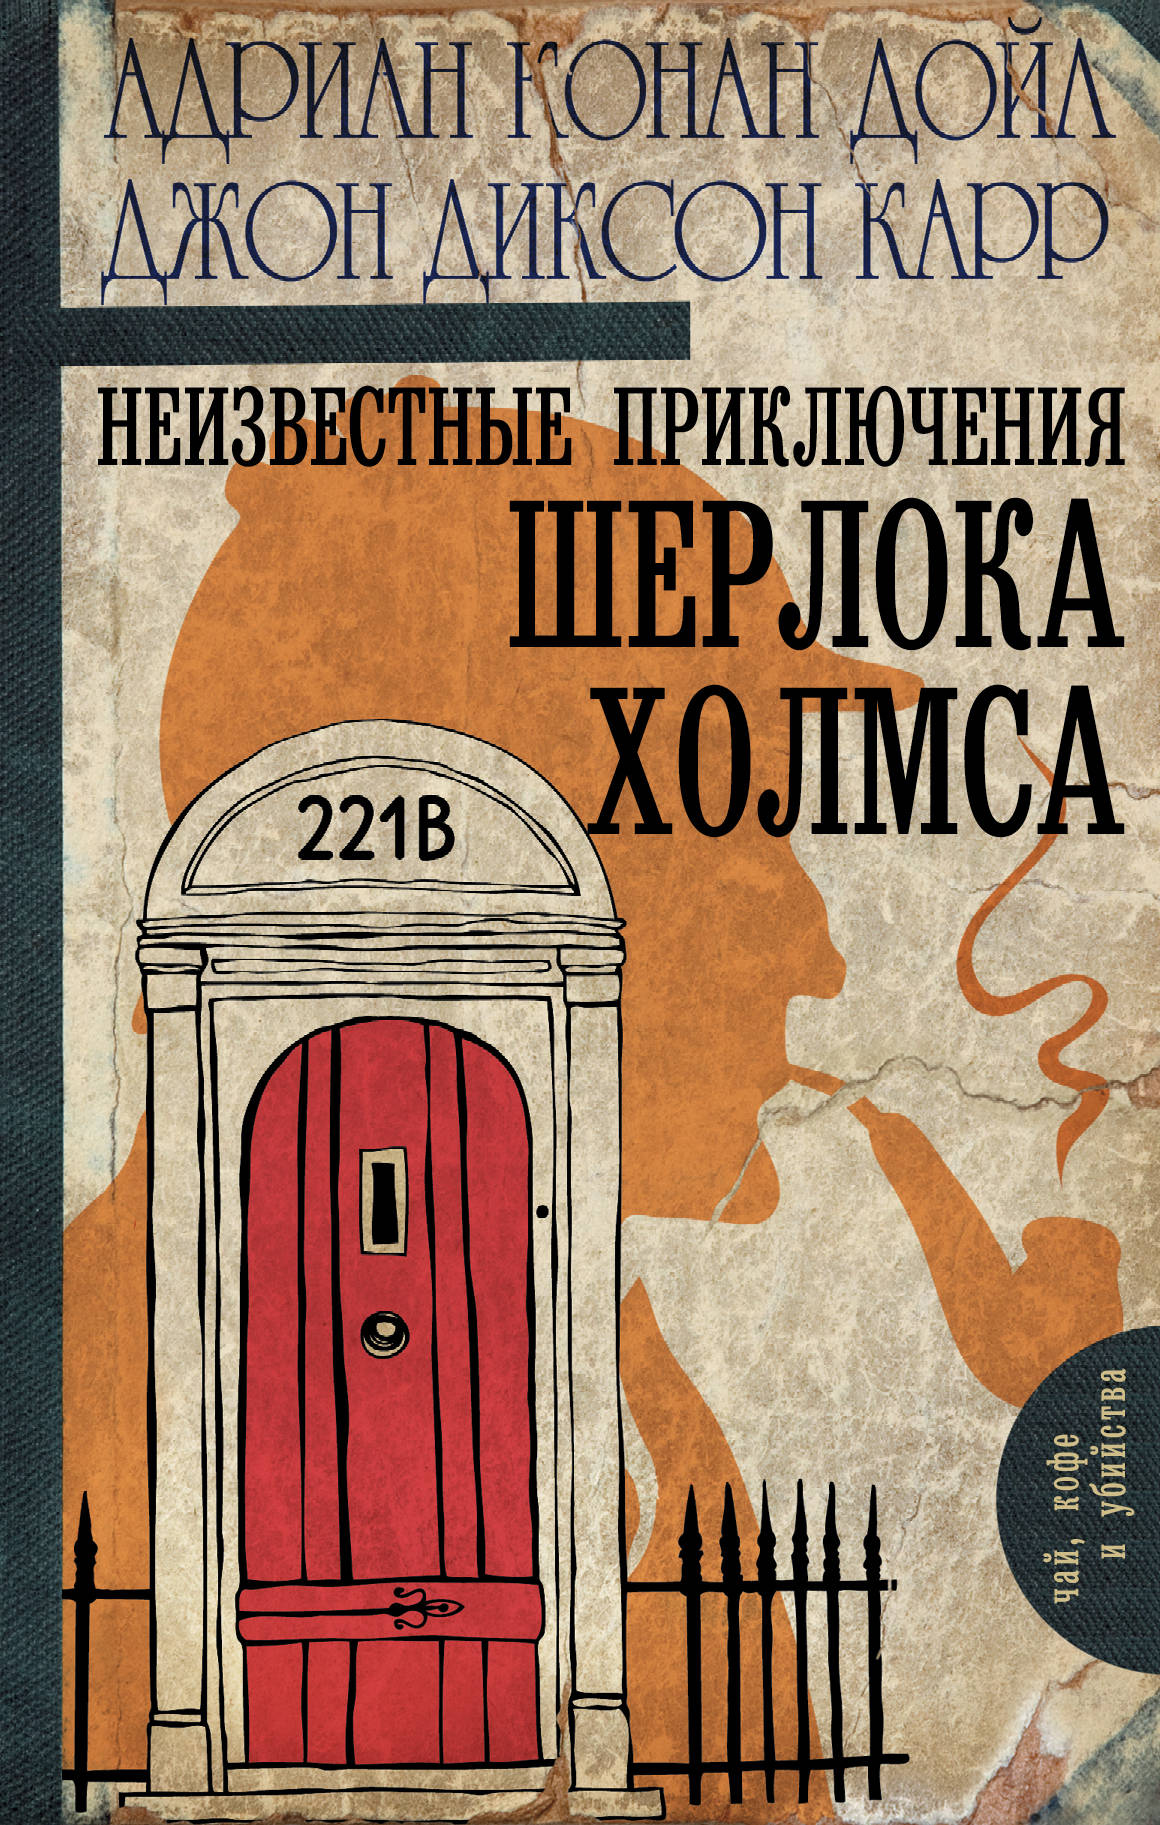 Артур Конан Дойл Неизвестные приключения Шерлока Холмса